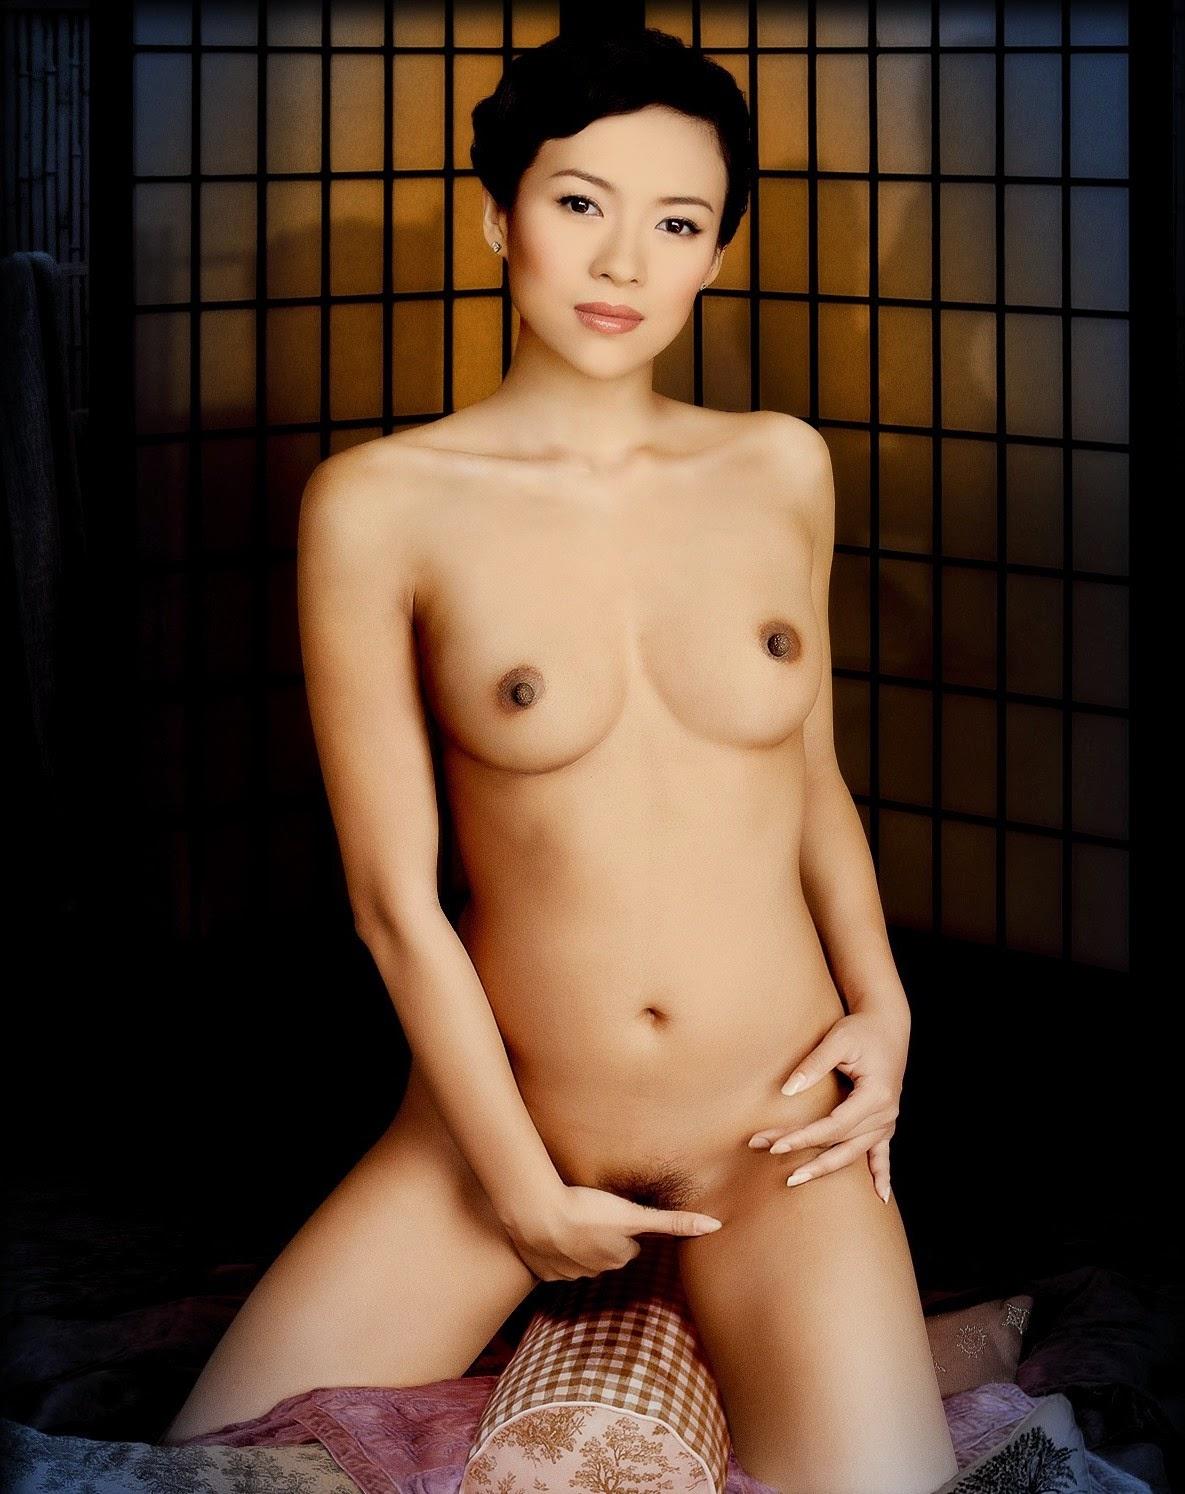 actress photos Asian nude